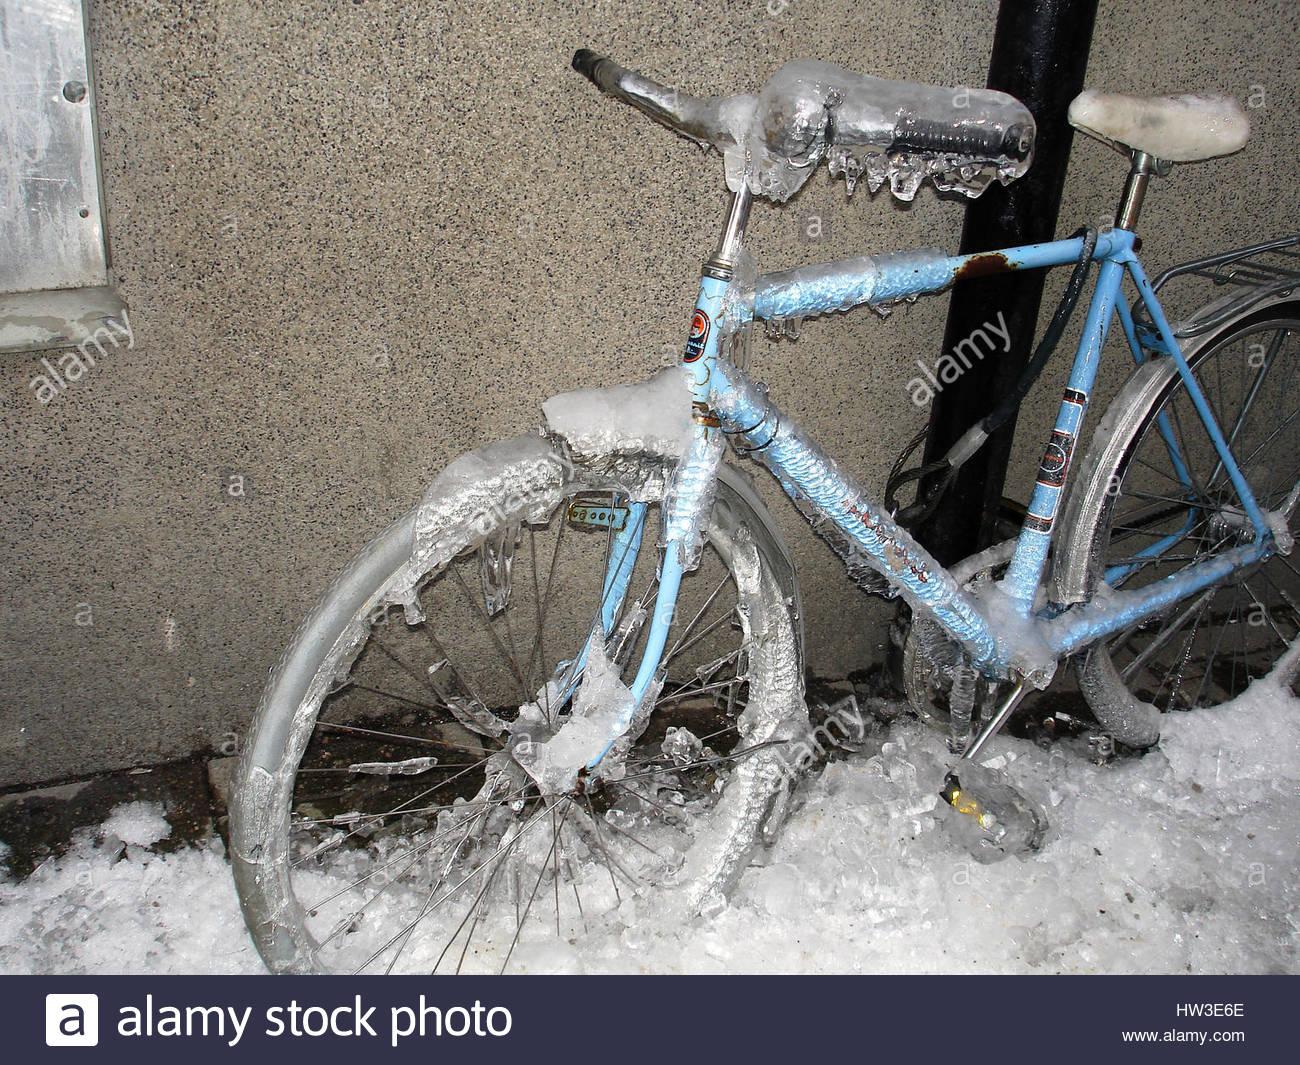 Helsinki, frozen bicycle in street - Stock Image